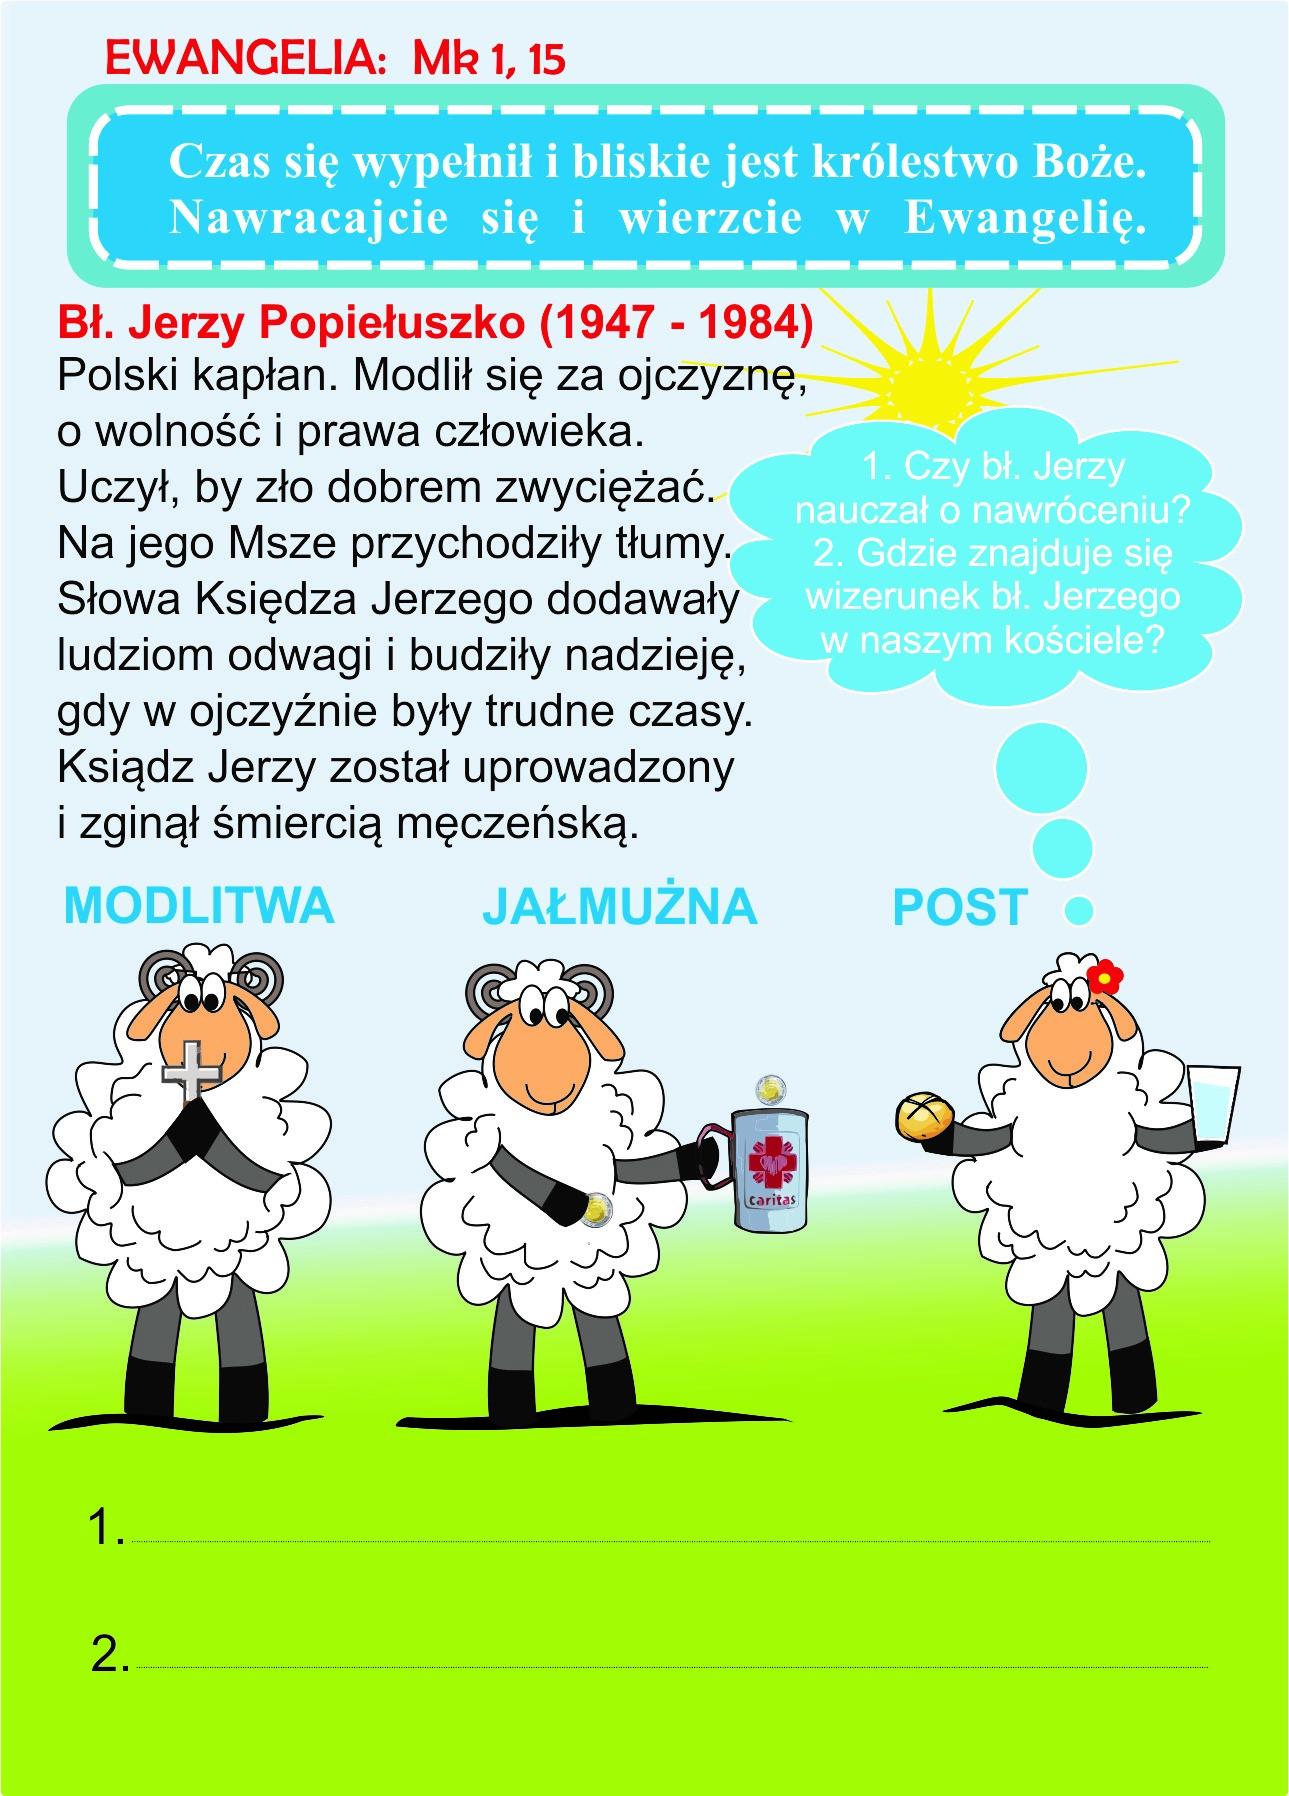 JERZY POPIEŁUSZKO str 2